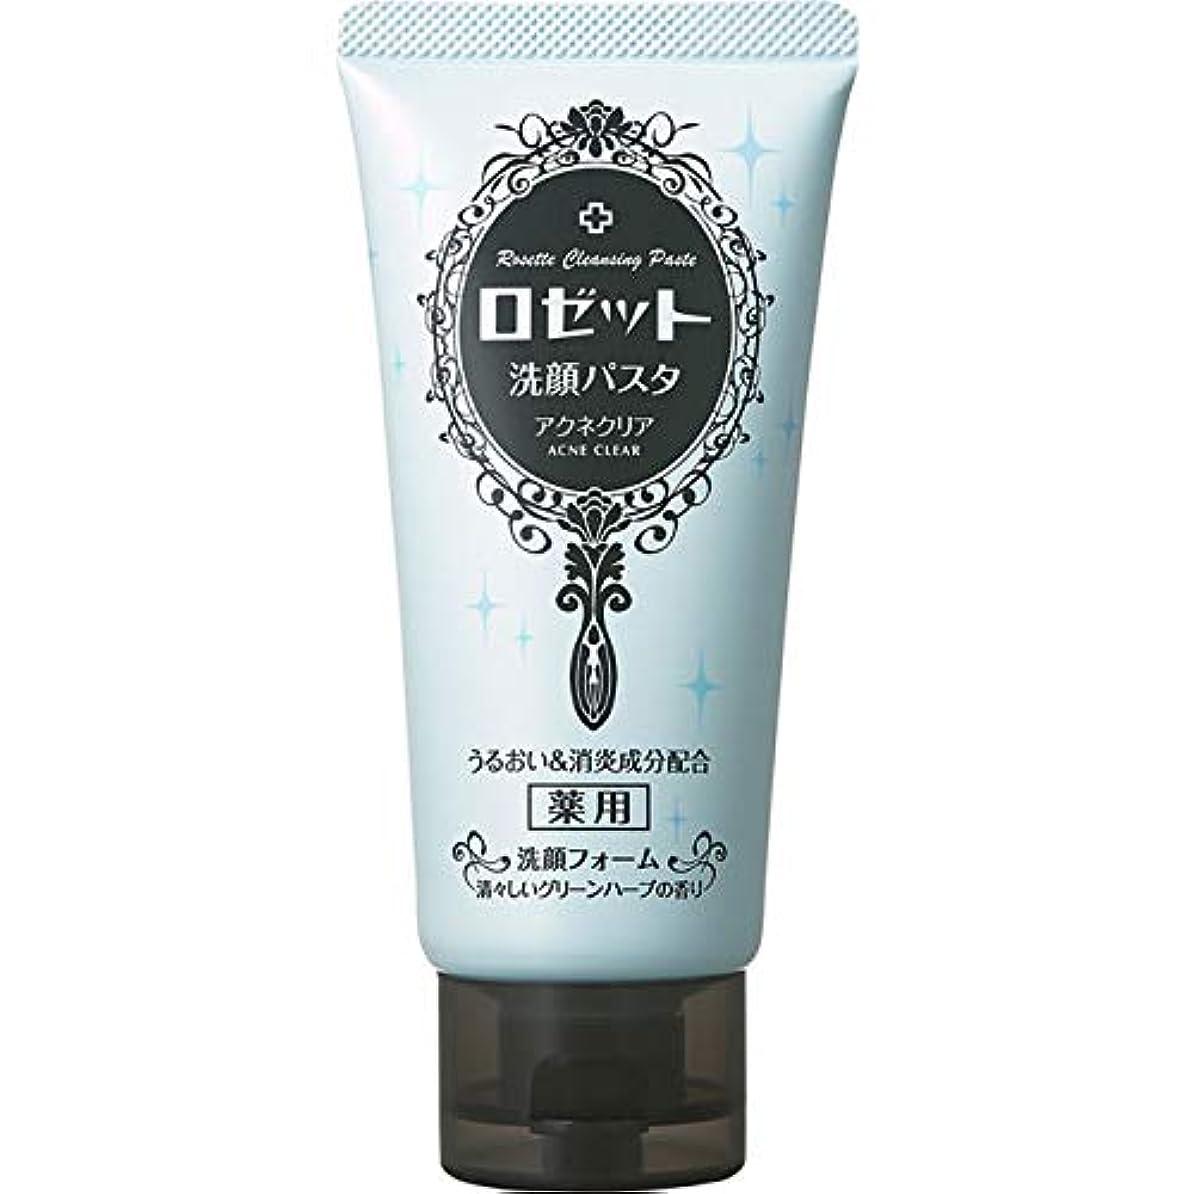 ステーキホイール失礼なロゼット ロゼット洗顔パスタ アクネクリア 120g (医薬部外品)